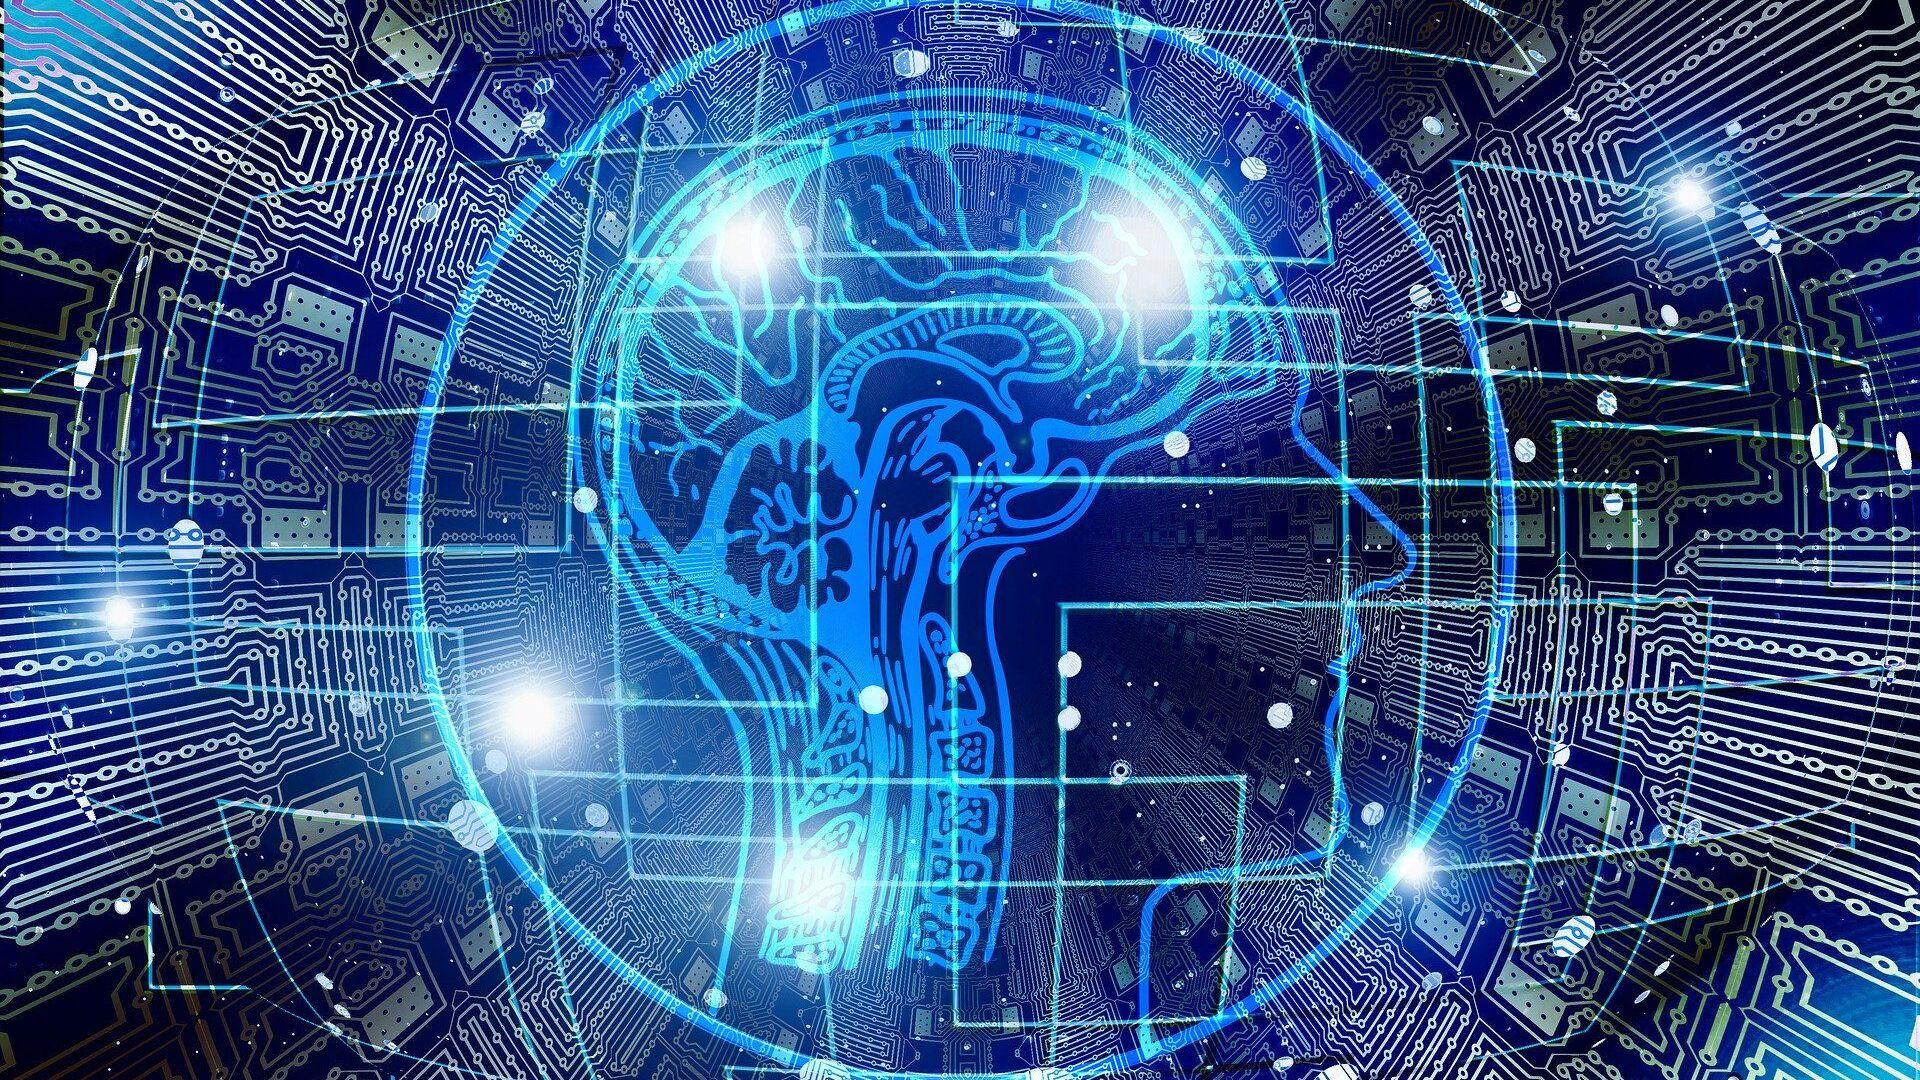 Cerebro humano (imagen referencial) - Sputnik Mundo, 1920, 23.09.2021